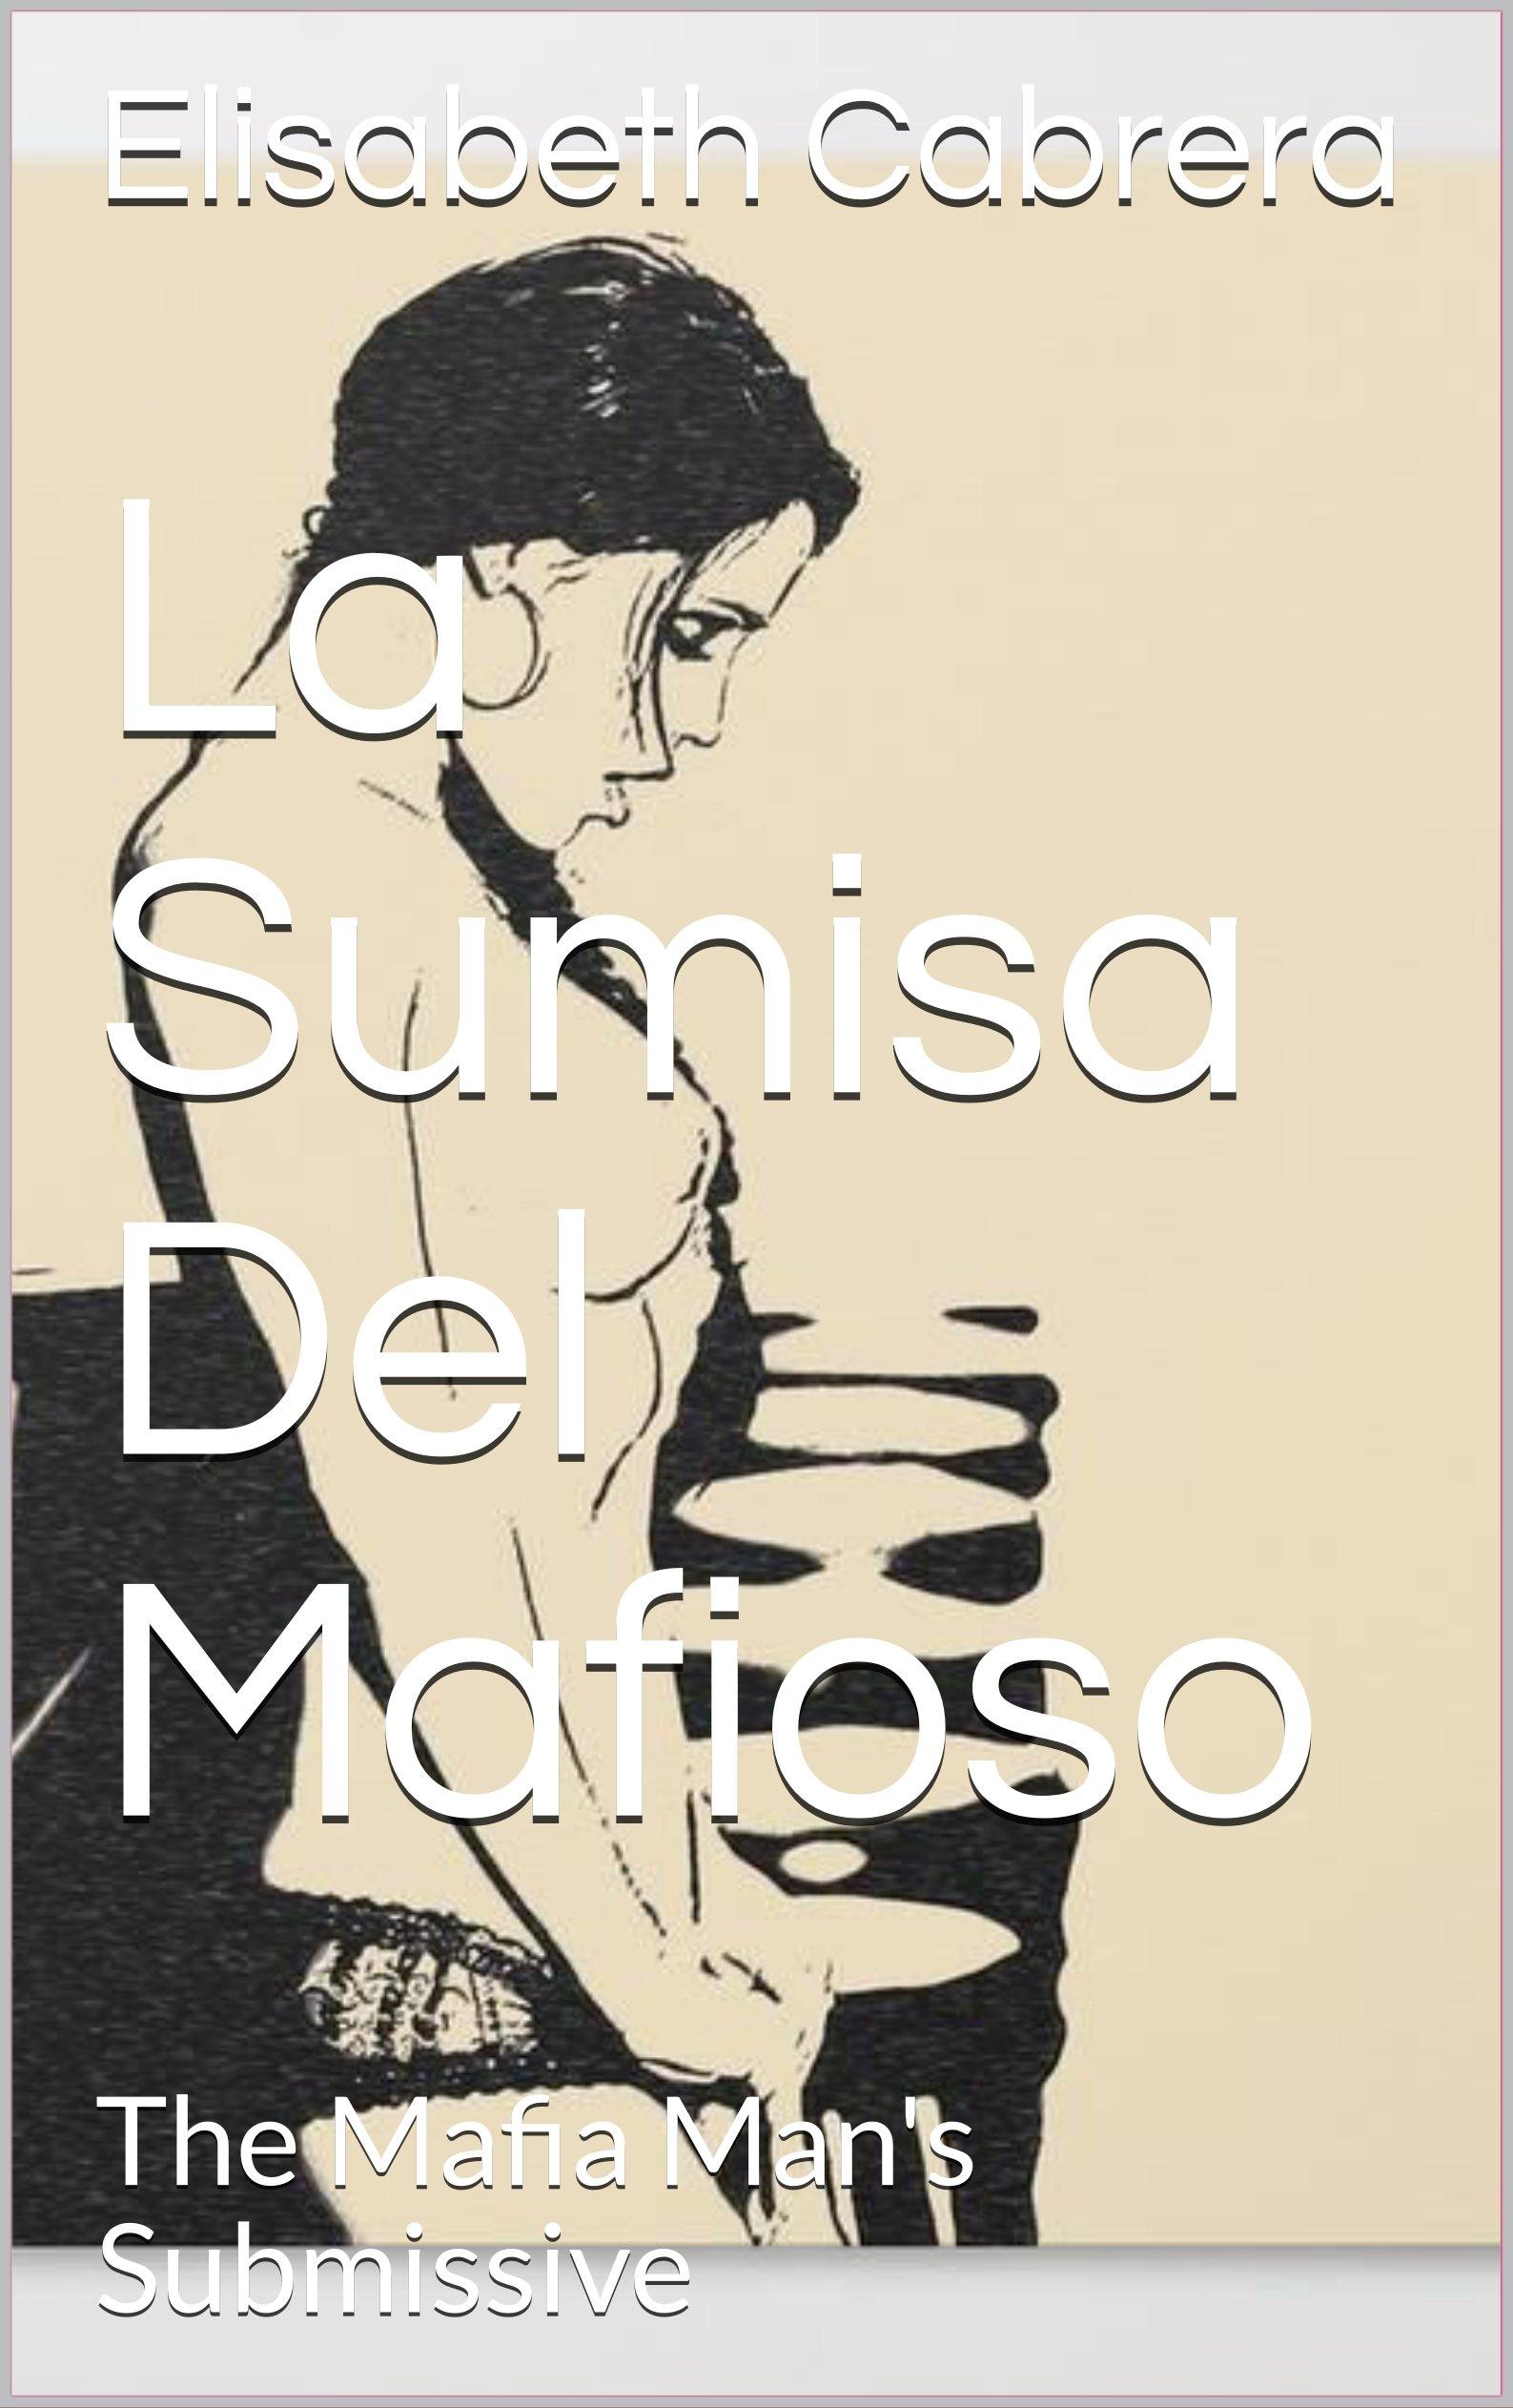 La Sumisa Del Mafioso: The Mafia Man's Submissive